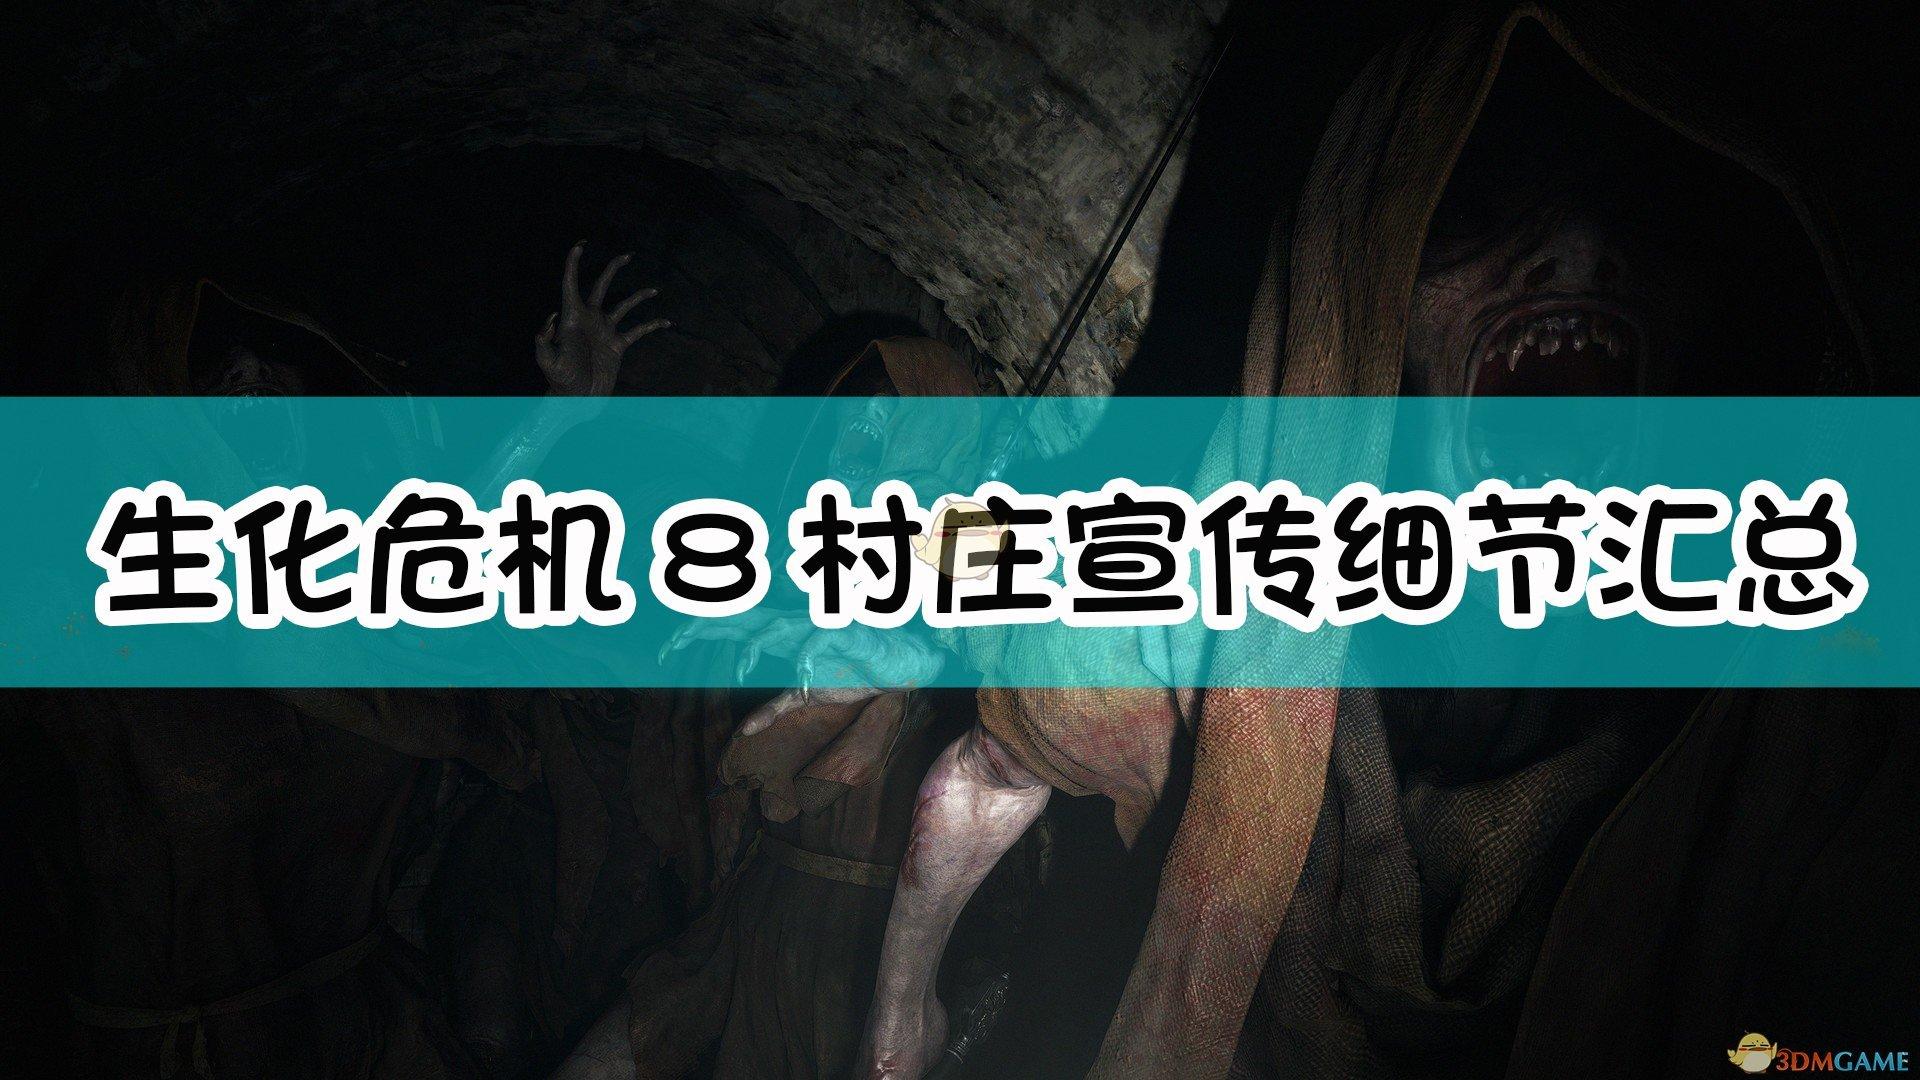 《生化危机8:村庄》宣传细节整理(剧透)